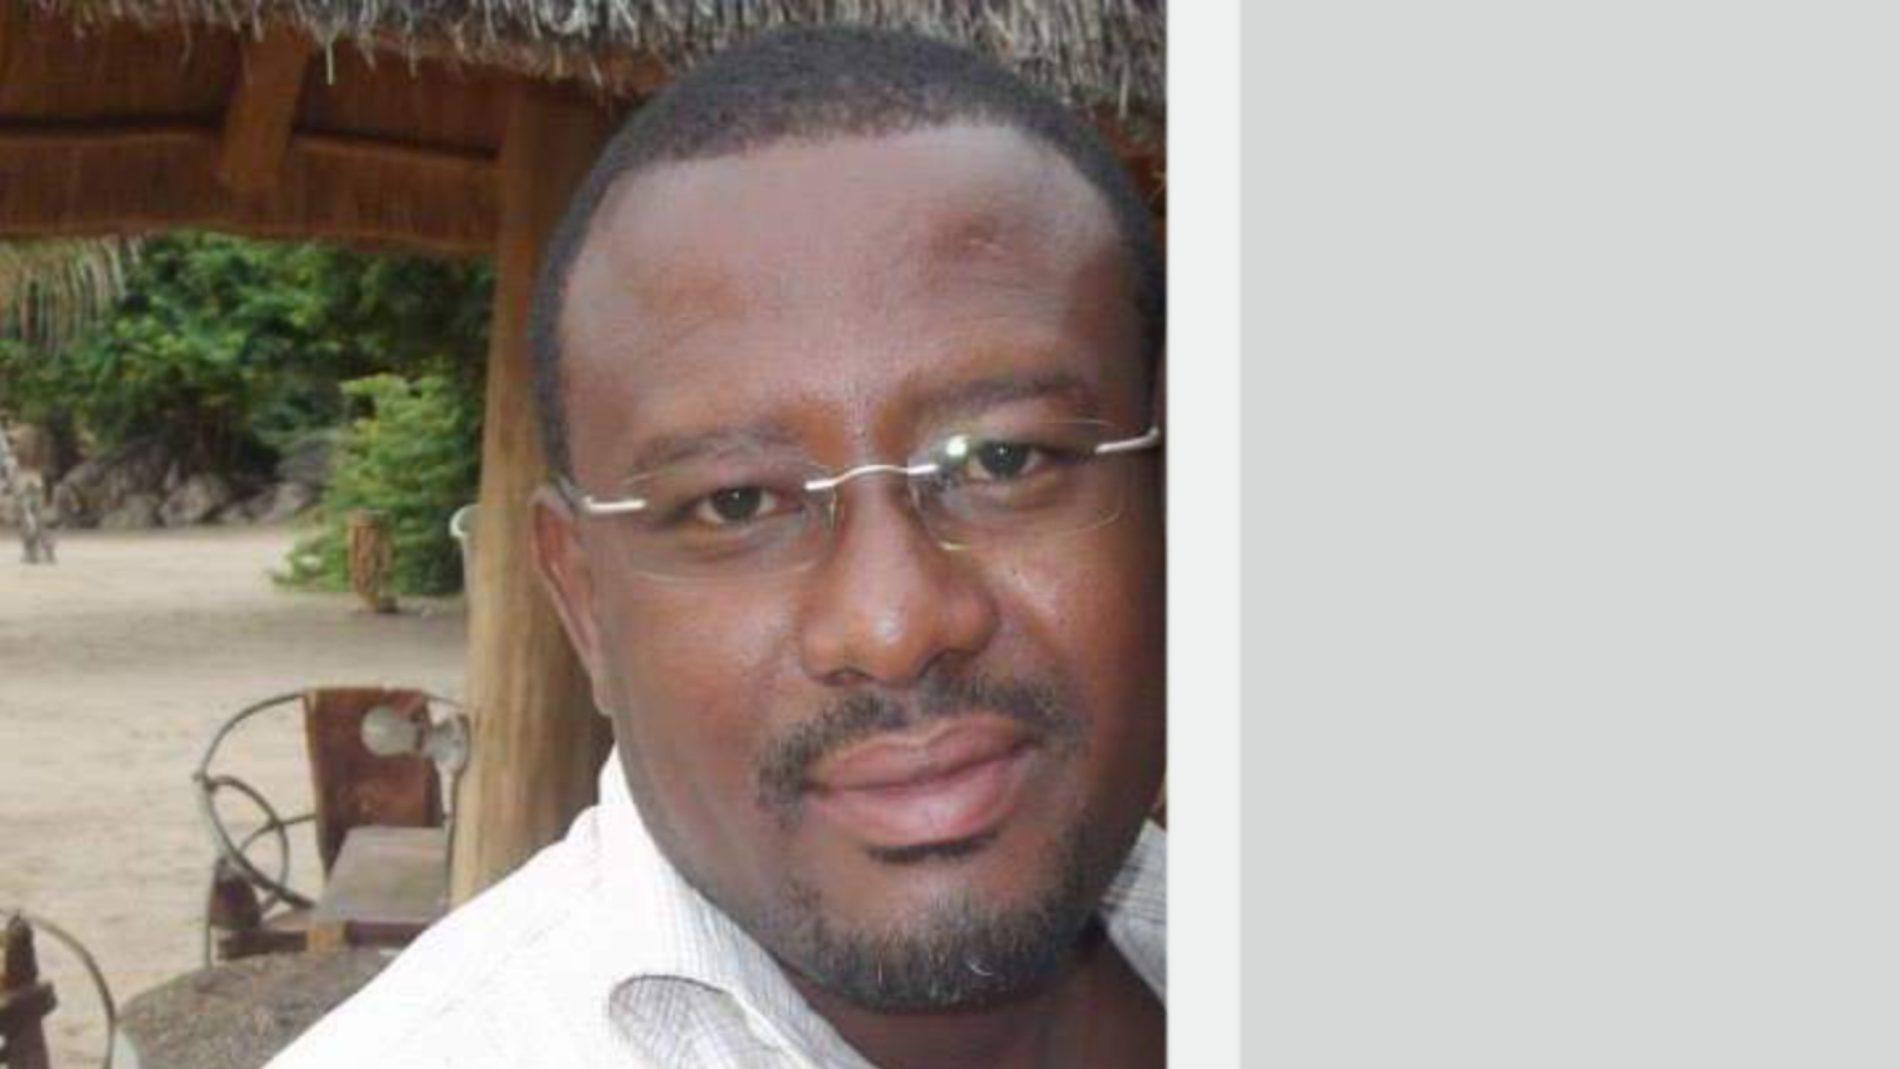 Bujumbura – un avocat enlevé par des inconnus